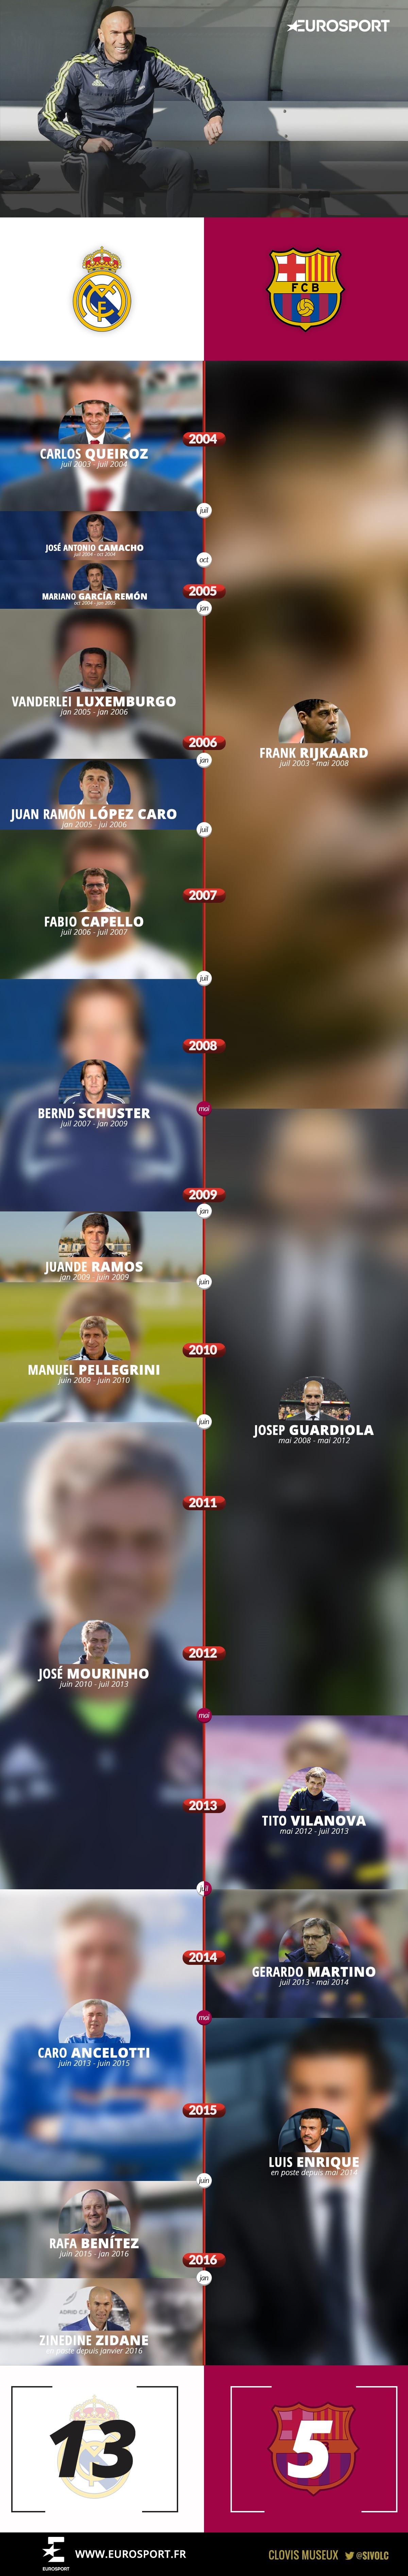 Infographie entraîneurs Real Barça